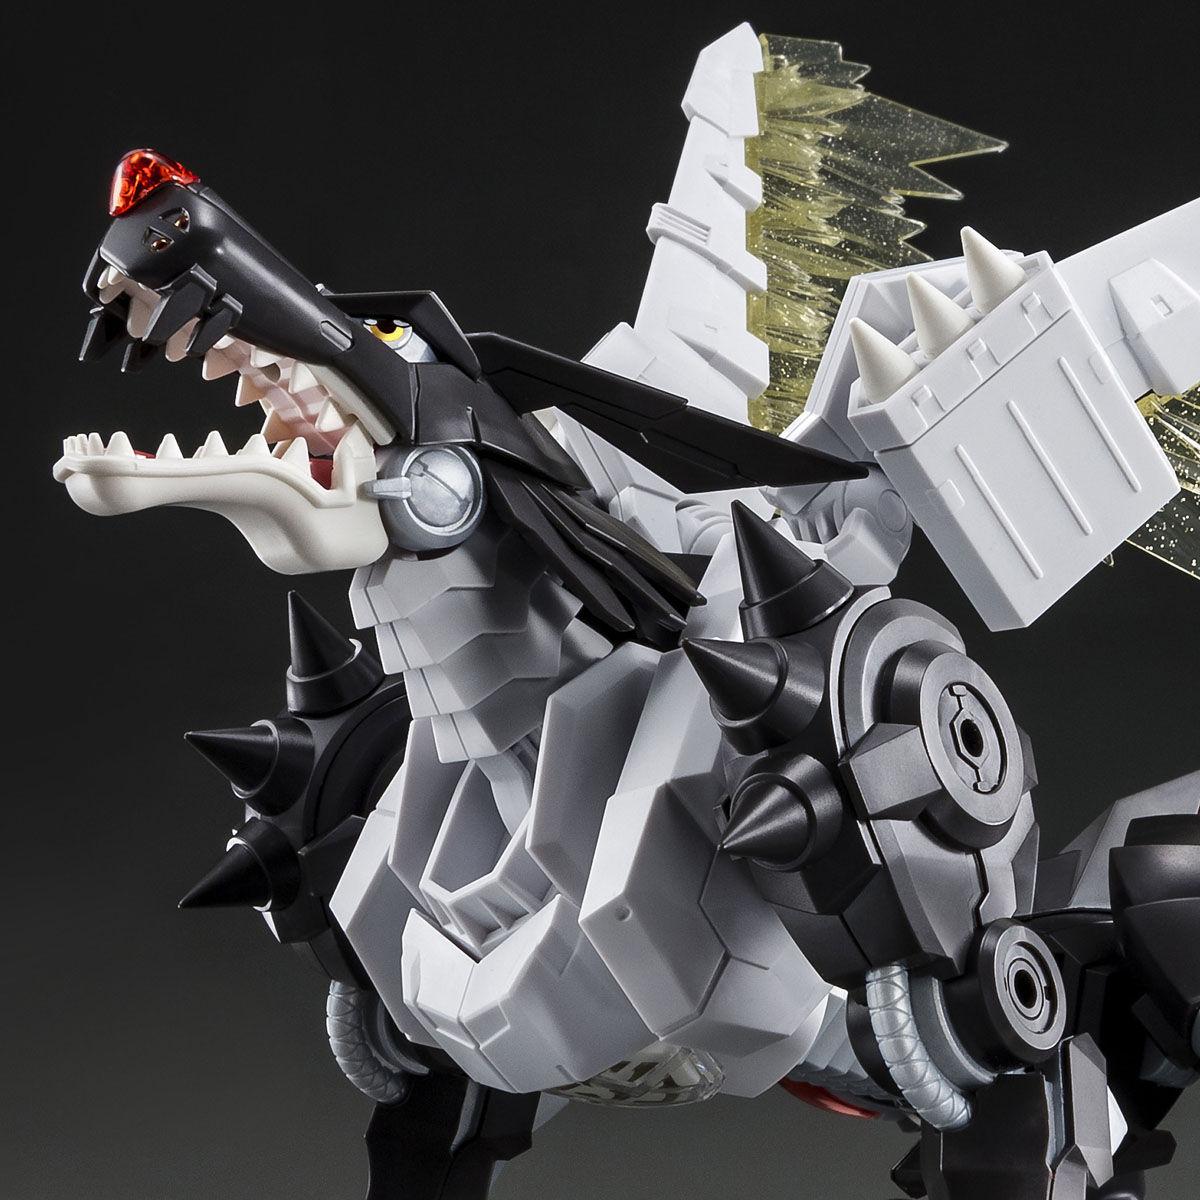 【限定販売】Figure-rise Standard Amplified『メタルガルルモン(ブラックVer.)』プラモデル-001